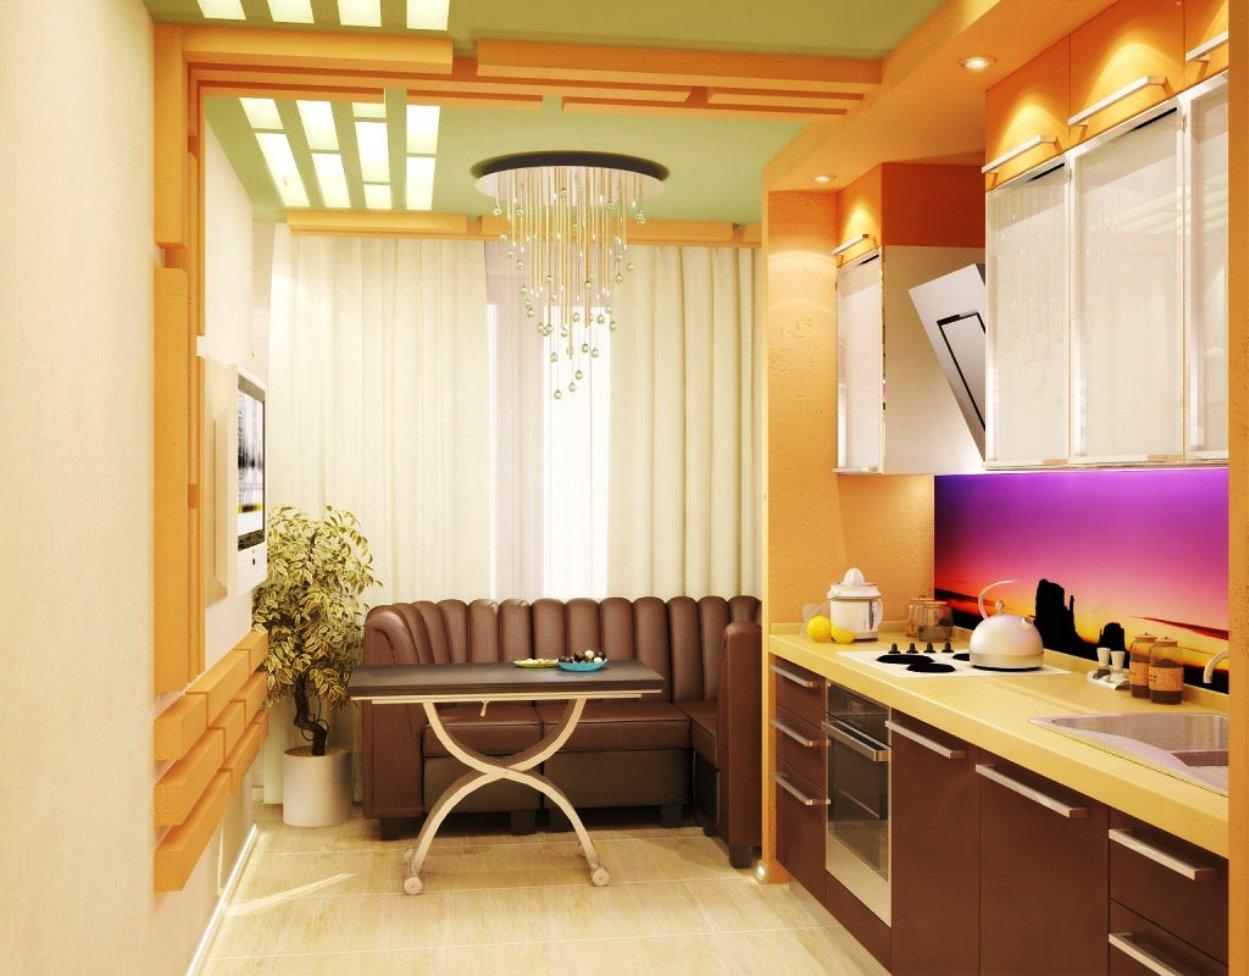 Кухня и балкон в одном дизайне.